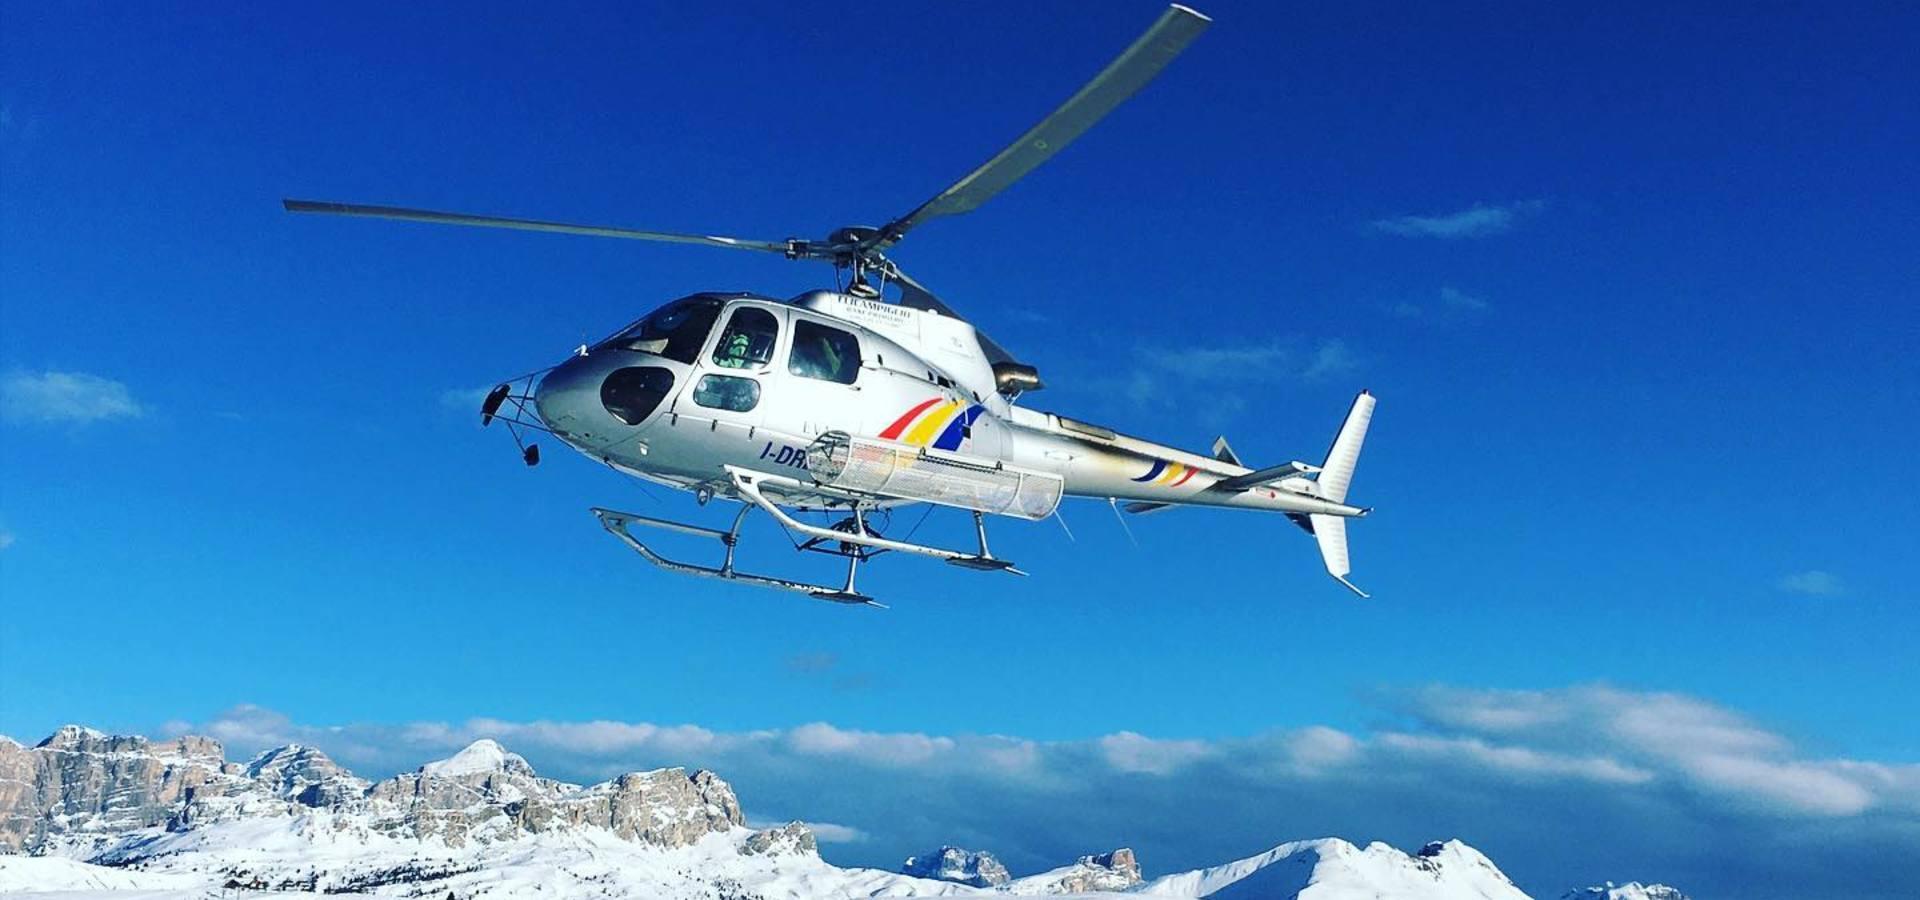 Helikopterflüge in den Dolomiten